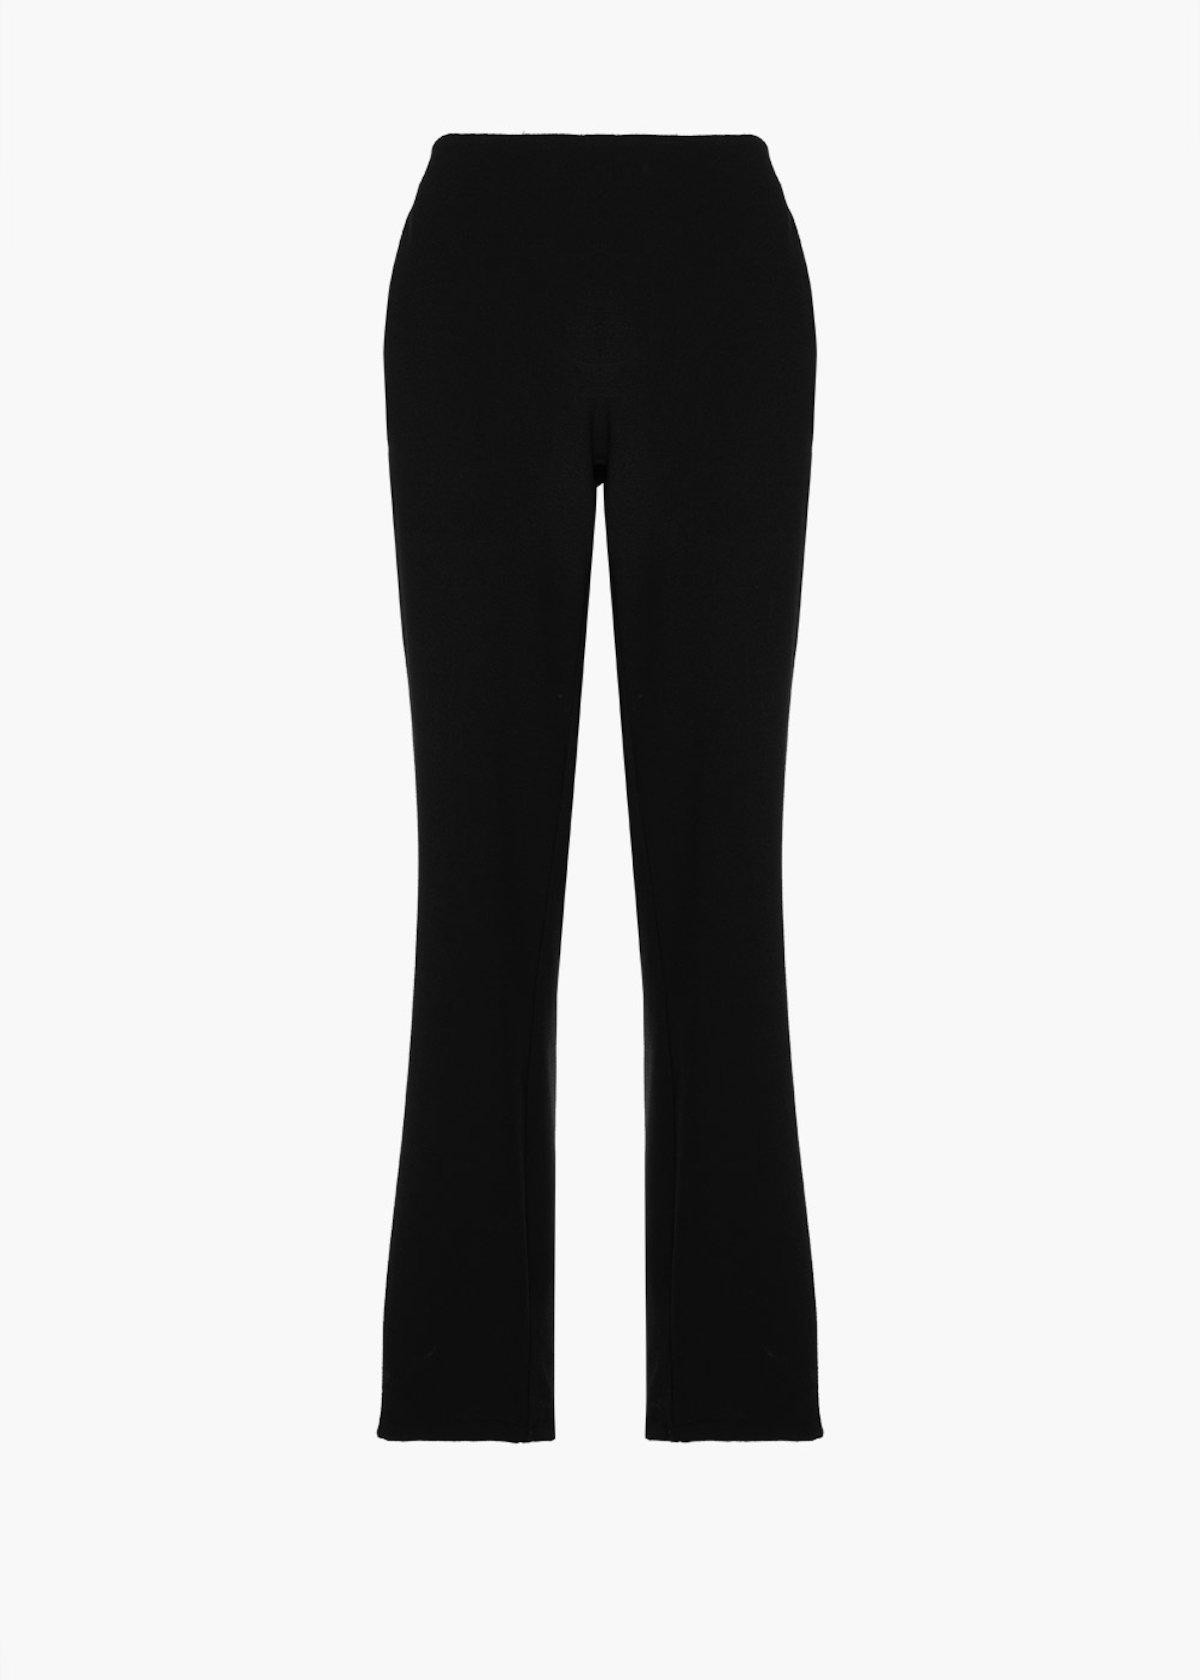 Pantaloni Pedros dal fit ampio - Black - Donna